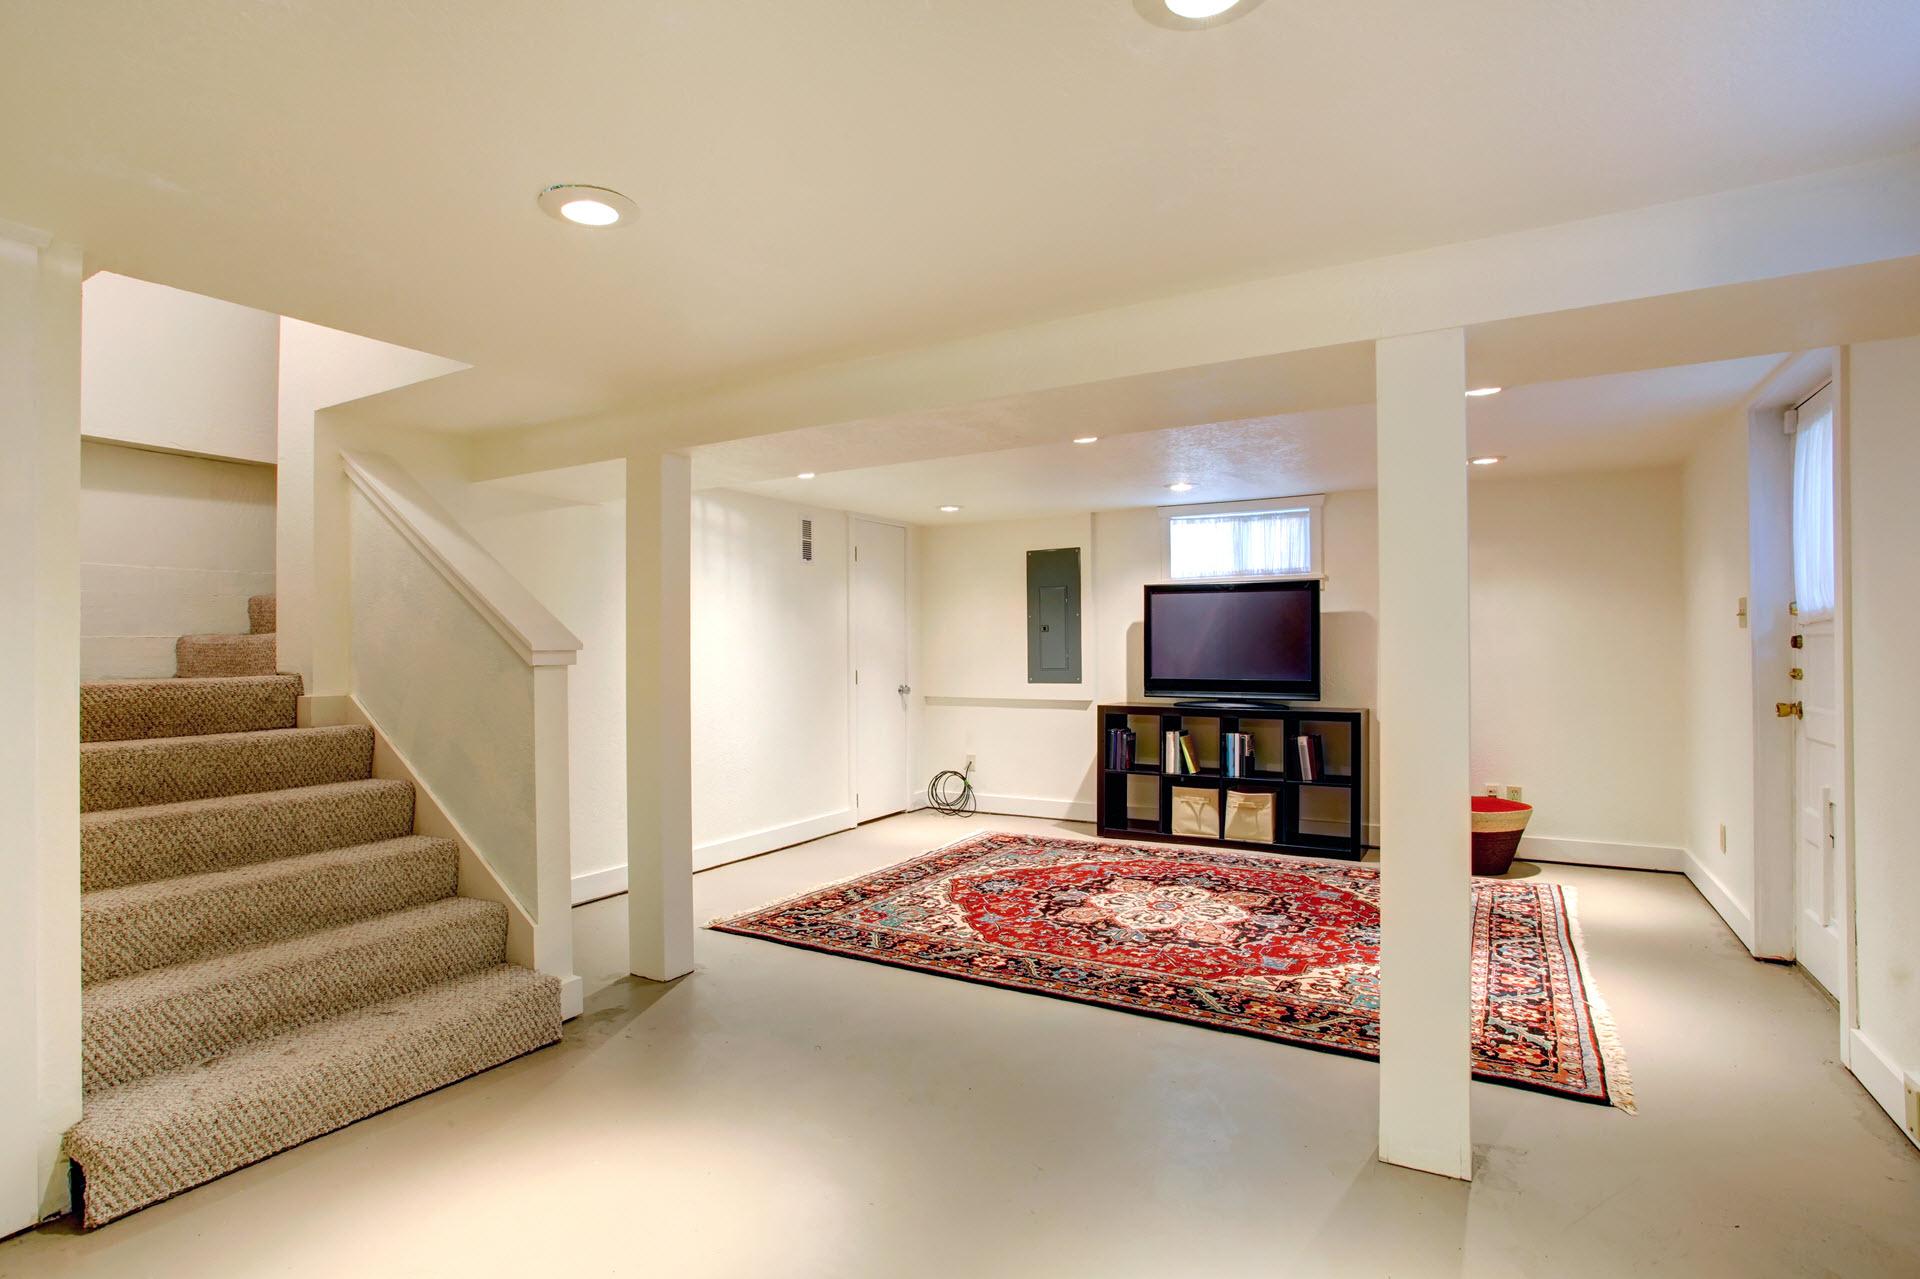 finished-basement-floors